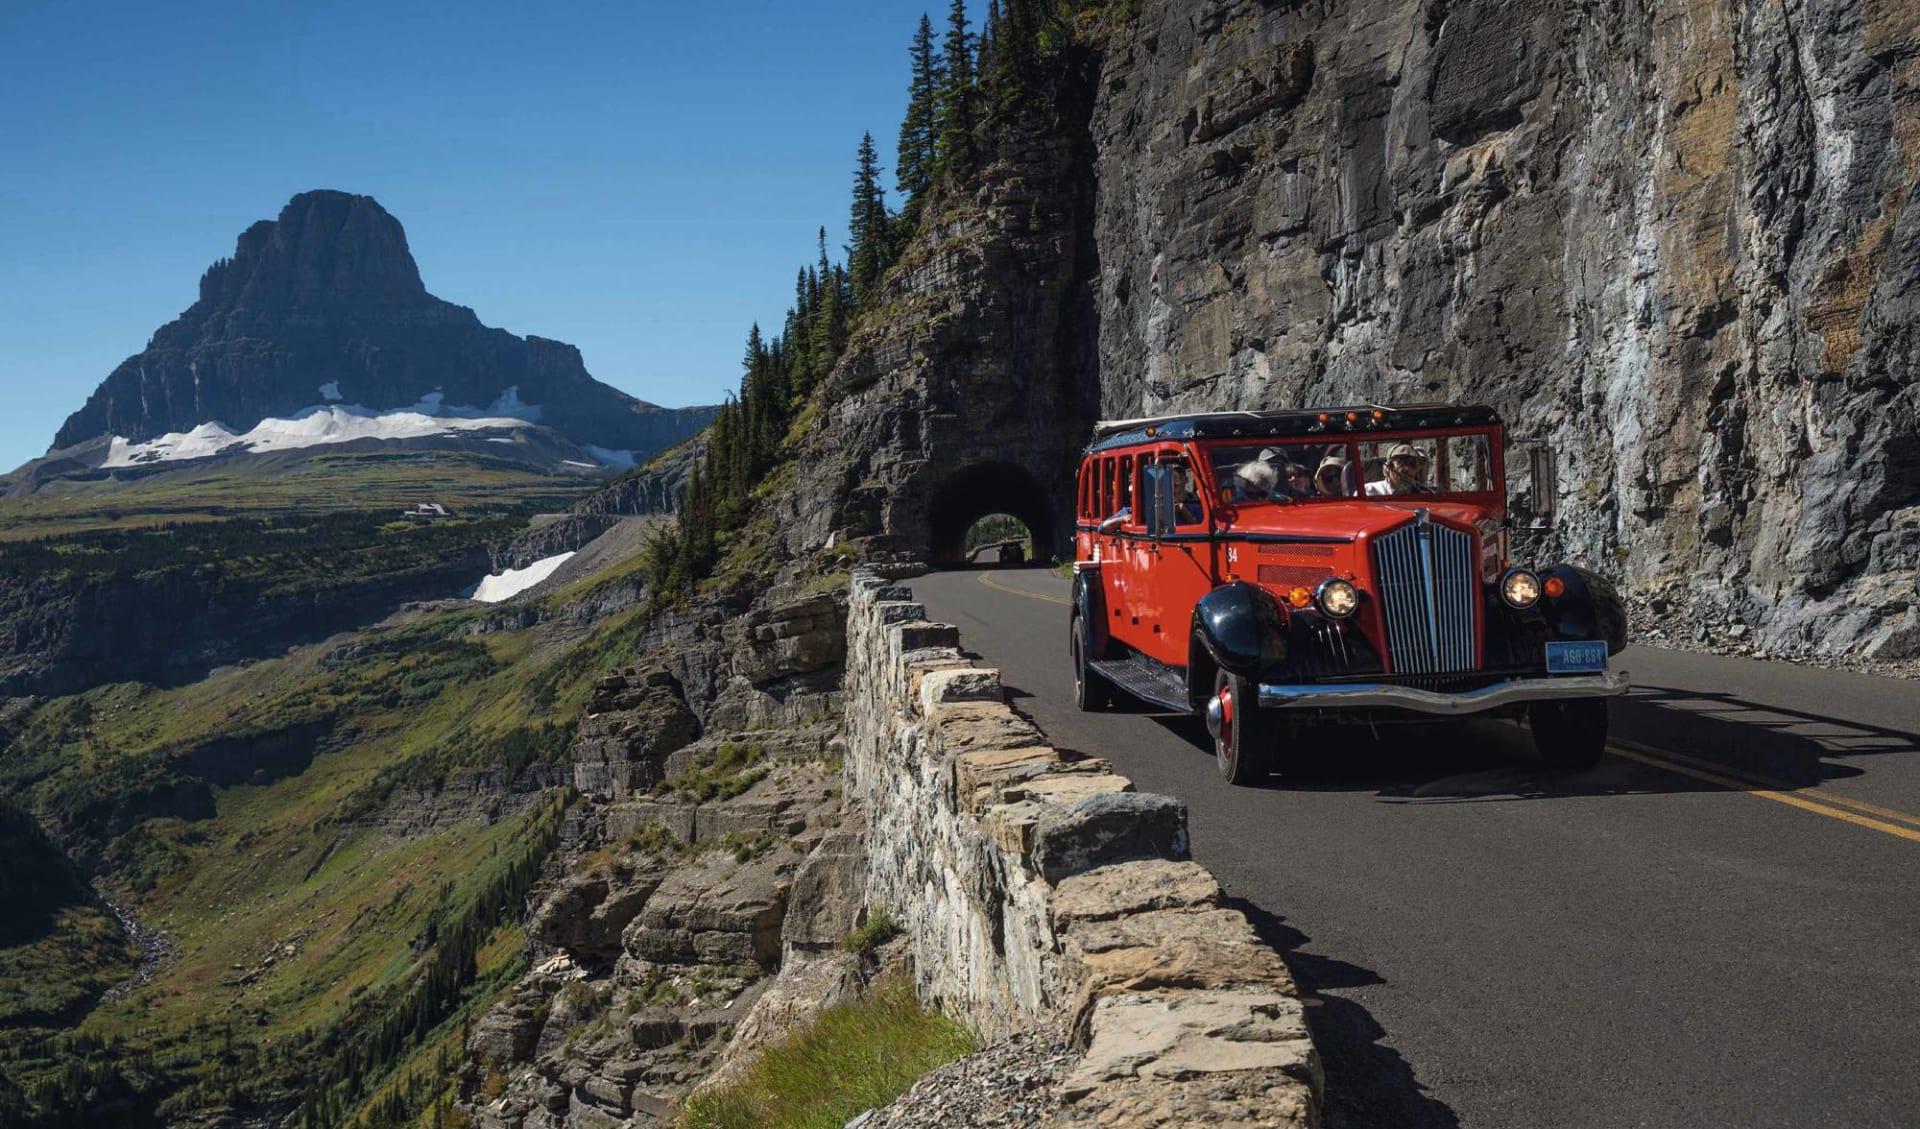 Auf den Spuren des Wilden Westens ab Rapid City: USA - Montana - Glacier Nationalpark